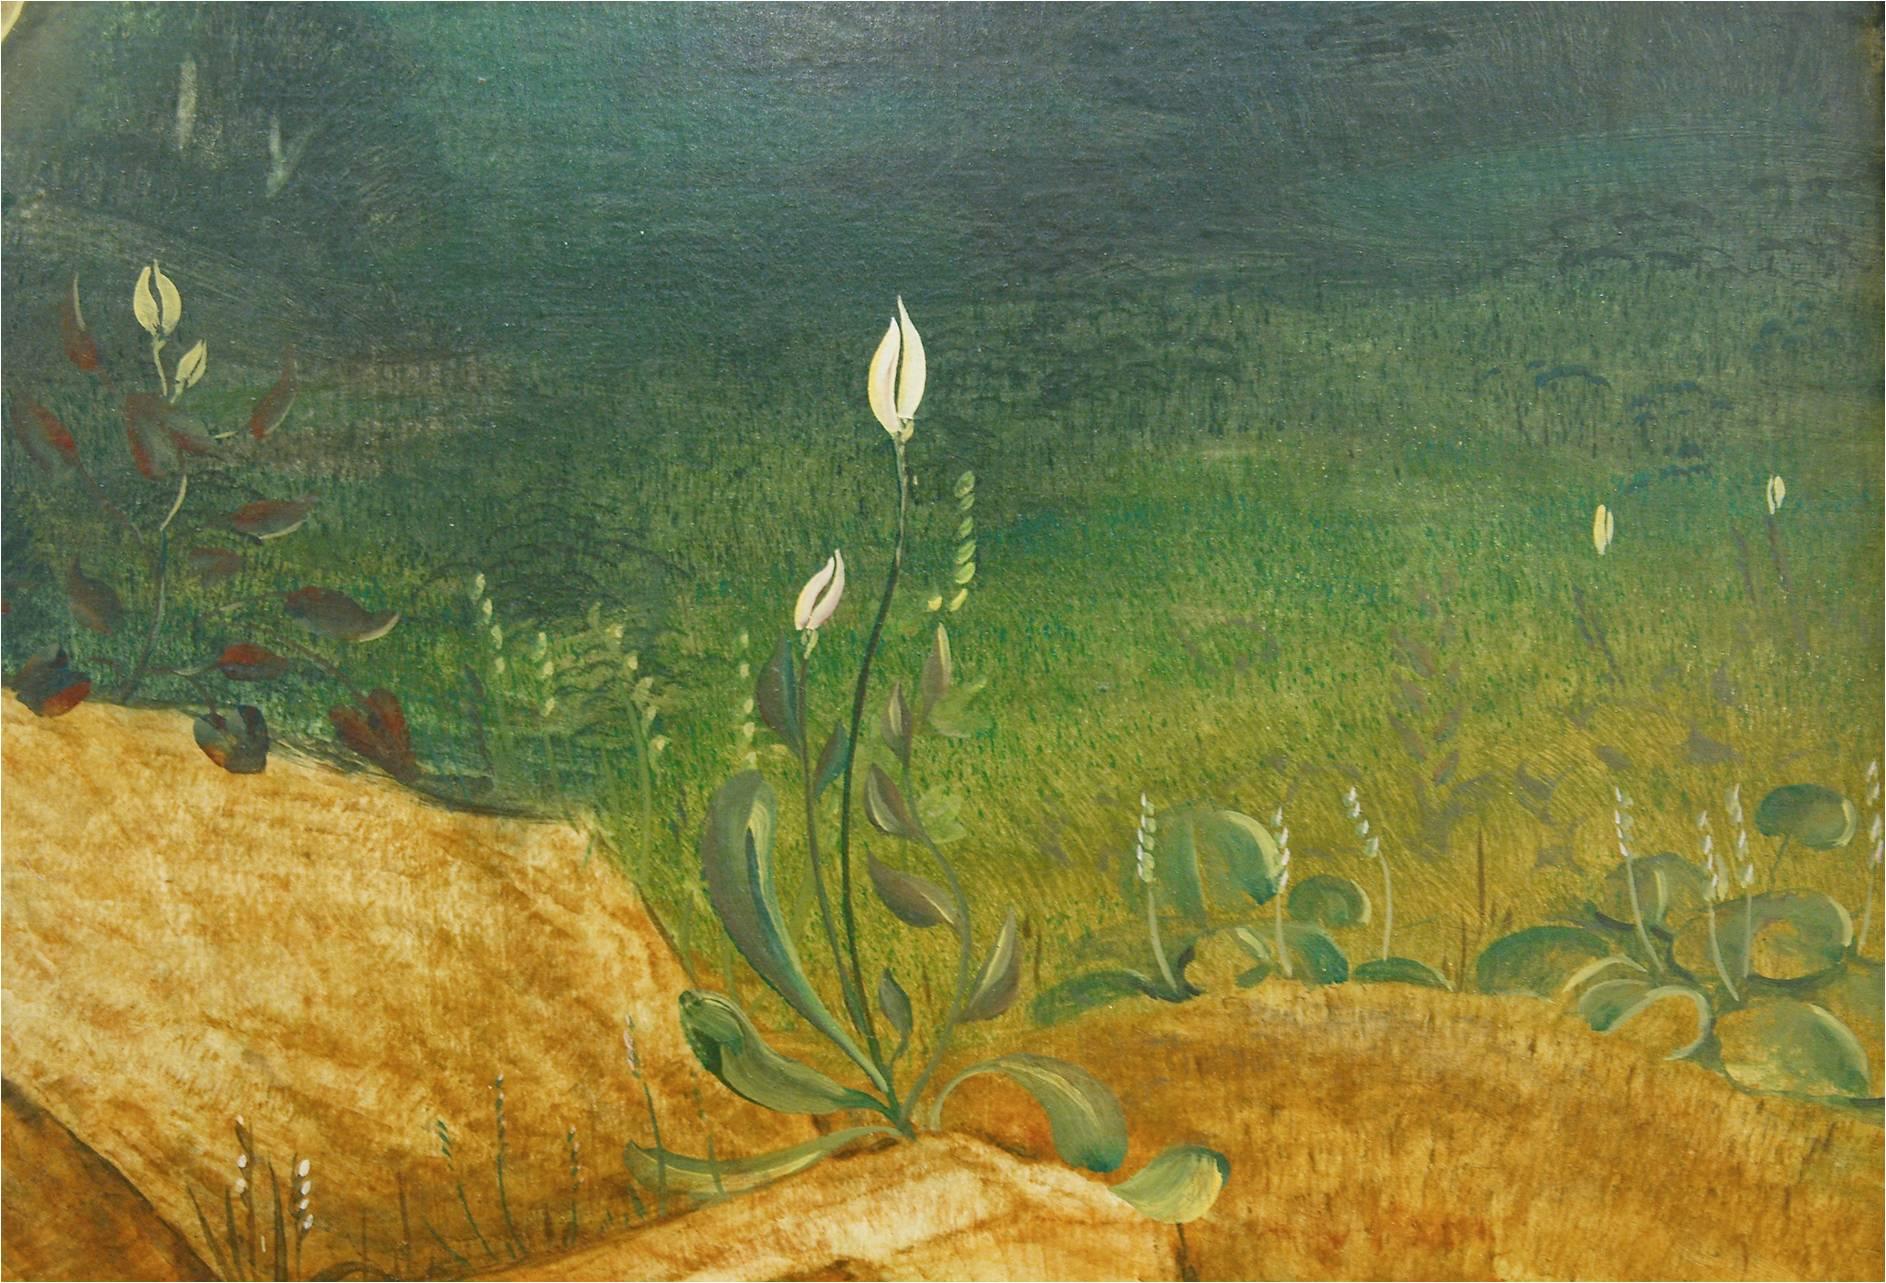 Blumen blühen neben dem Grab. Blumen mit weißen Blüten, die auch wieder an das Licht erinnern. Eine Blume hat herzförmige Blätter: Aus Liebe zu uns ist Jesus am Kreuz gestorben.